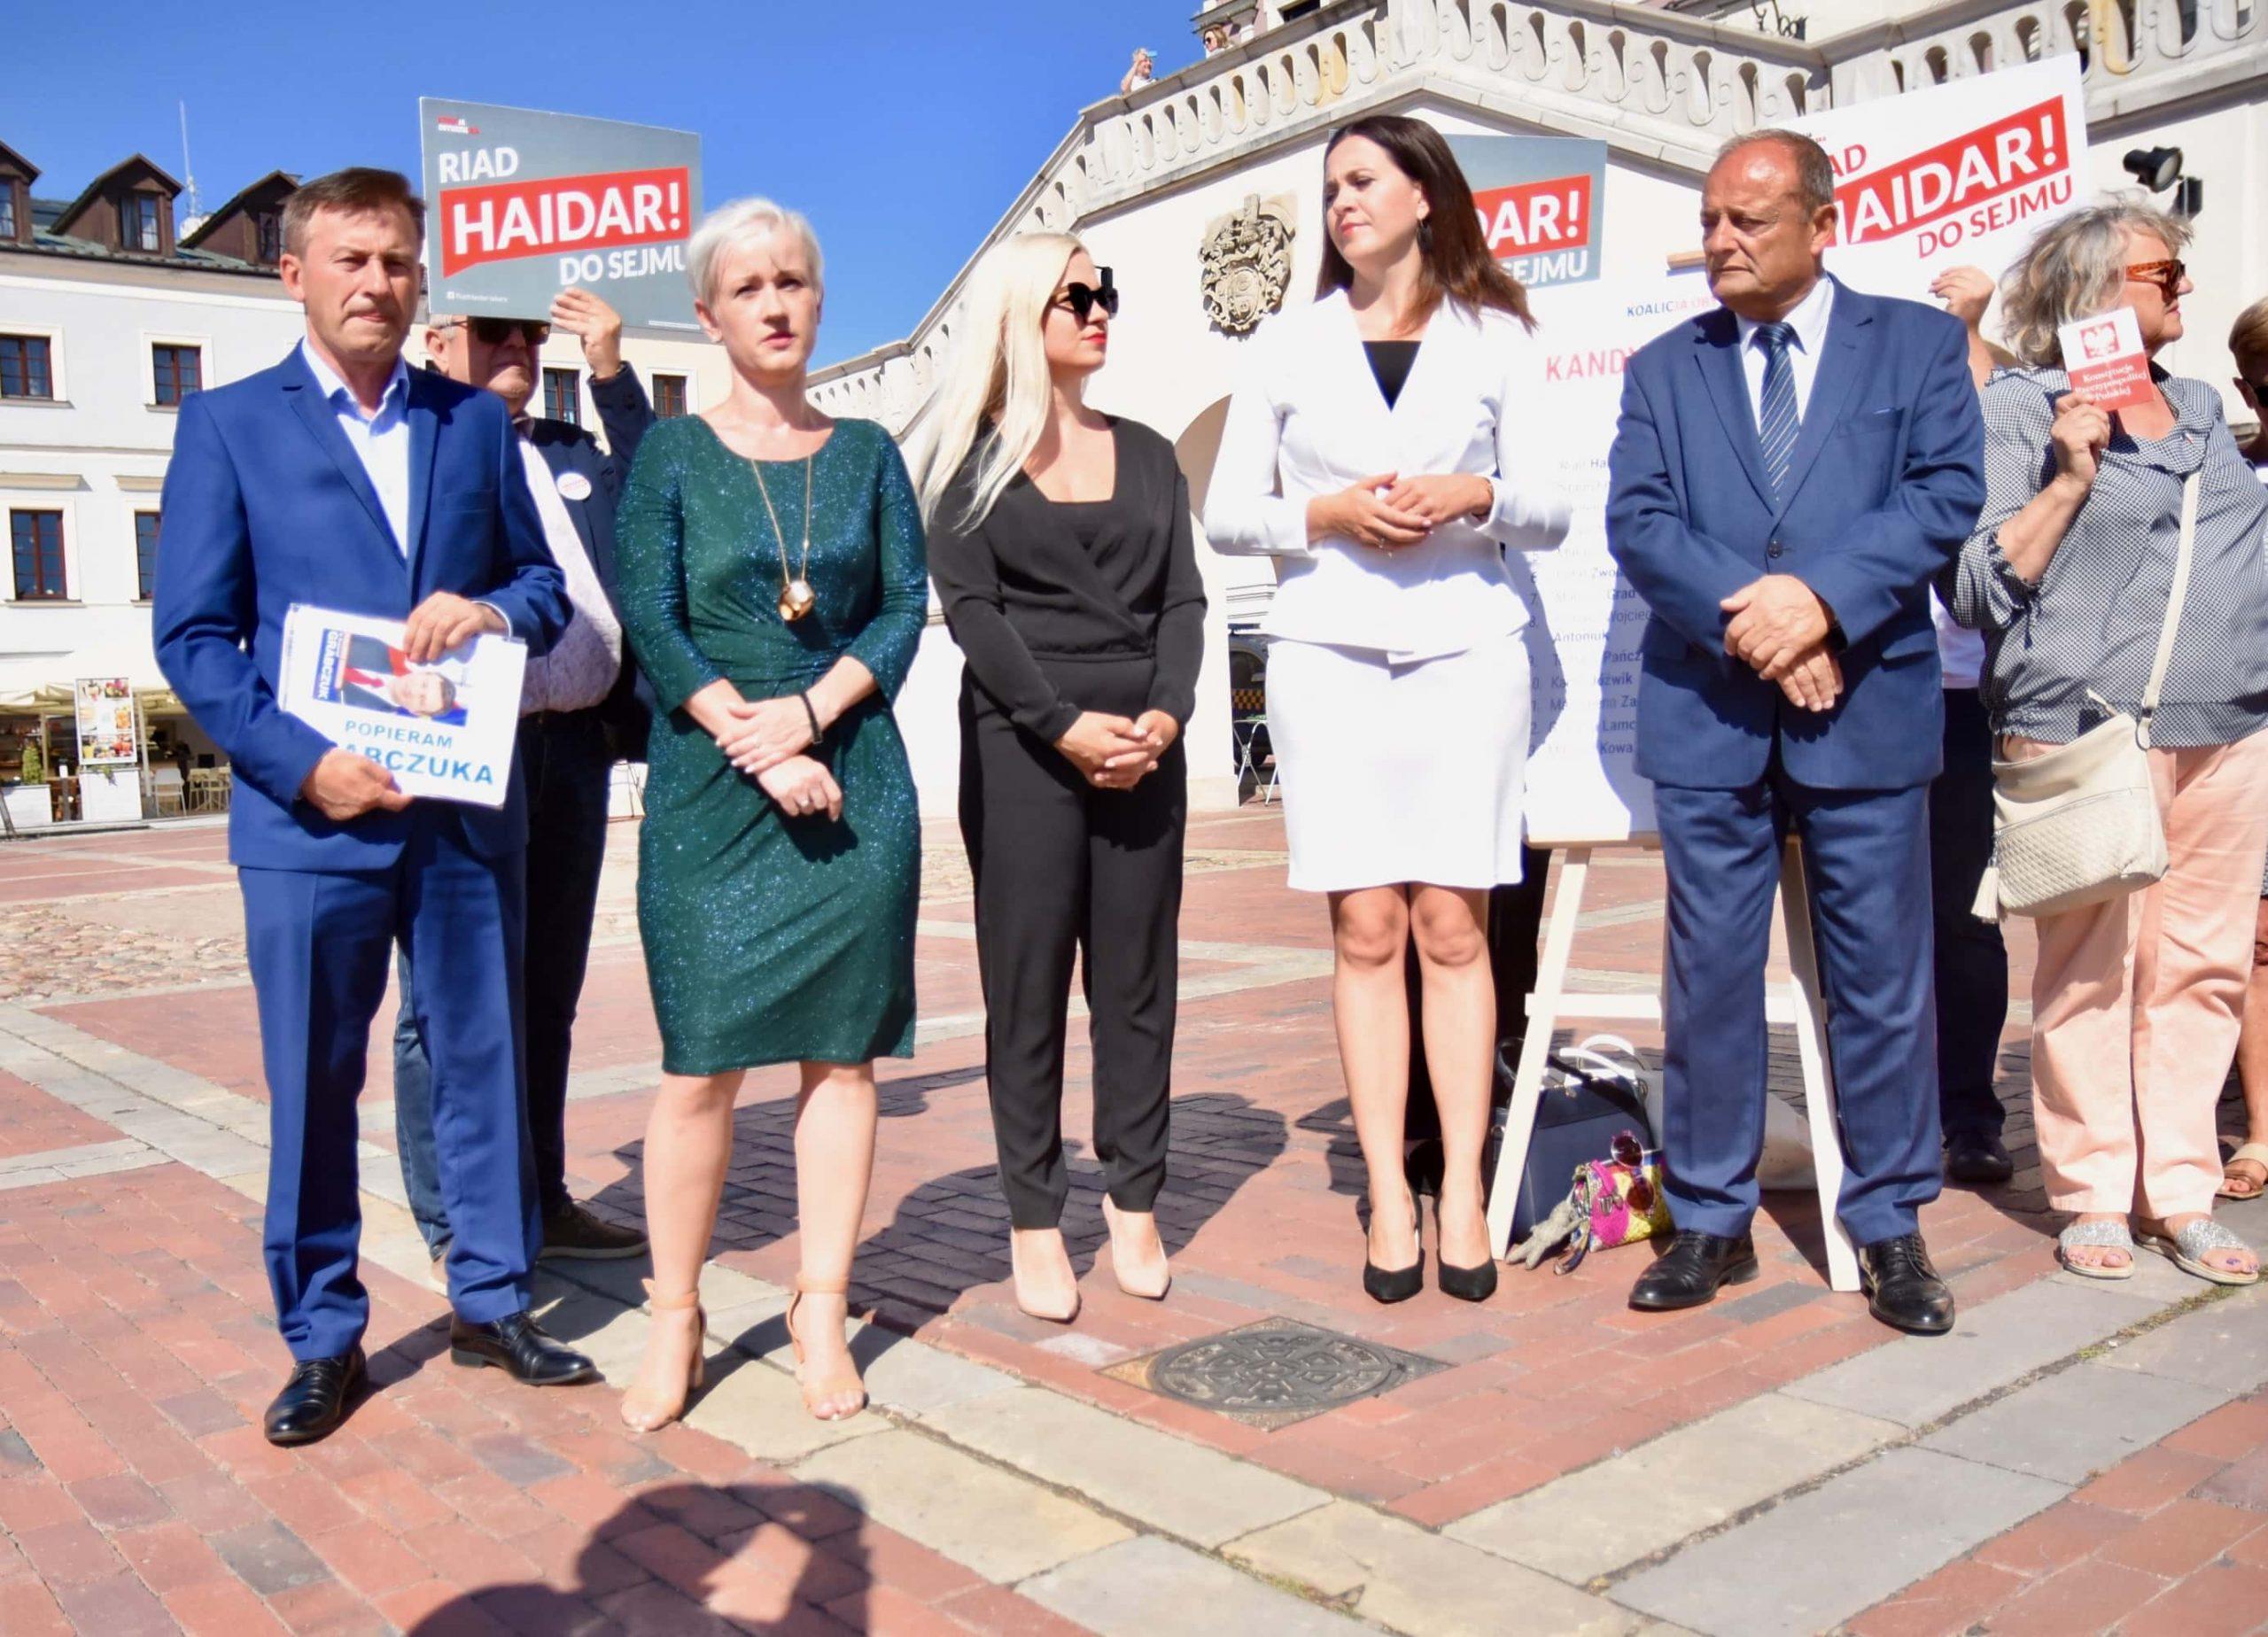 dsc 6595 scaled Zamość: Koalicja Obywatelska przedstawiła kandydatów do sejmu z okręgu nr 7 [ZDJĘCIA, FILM]